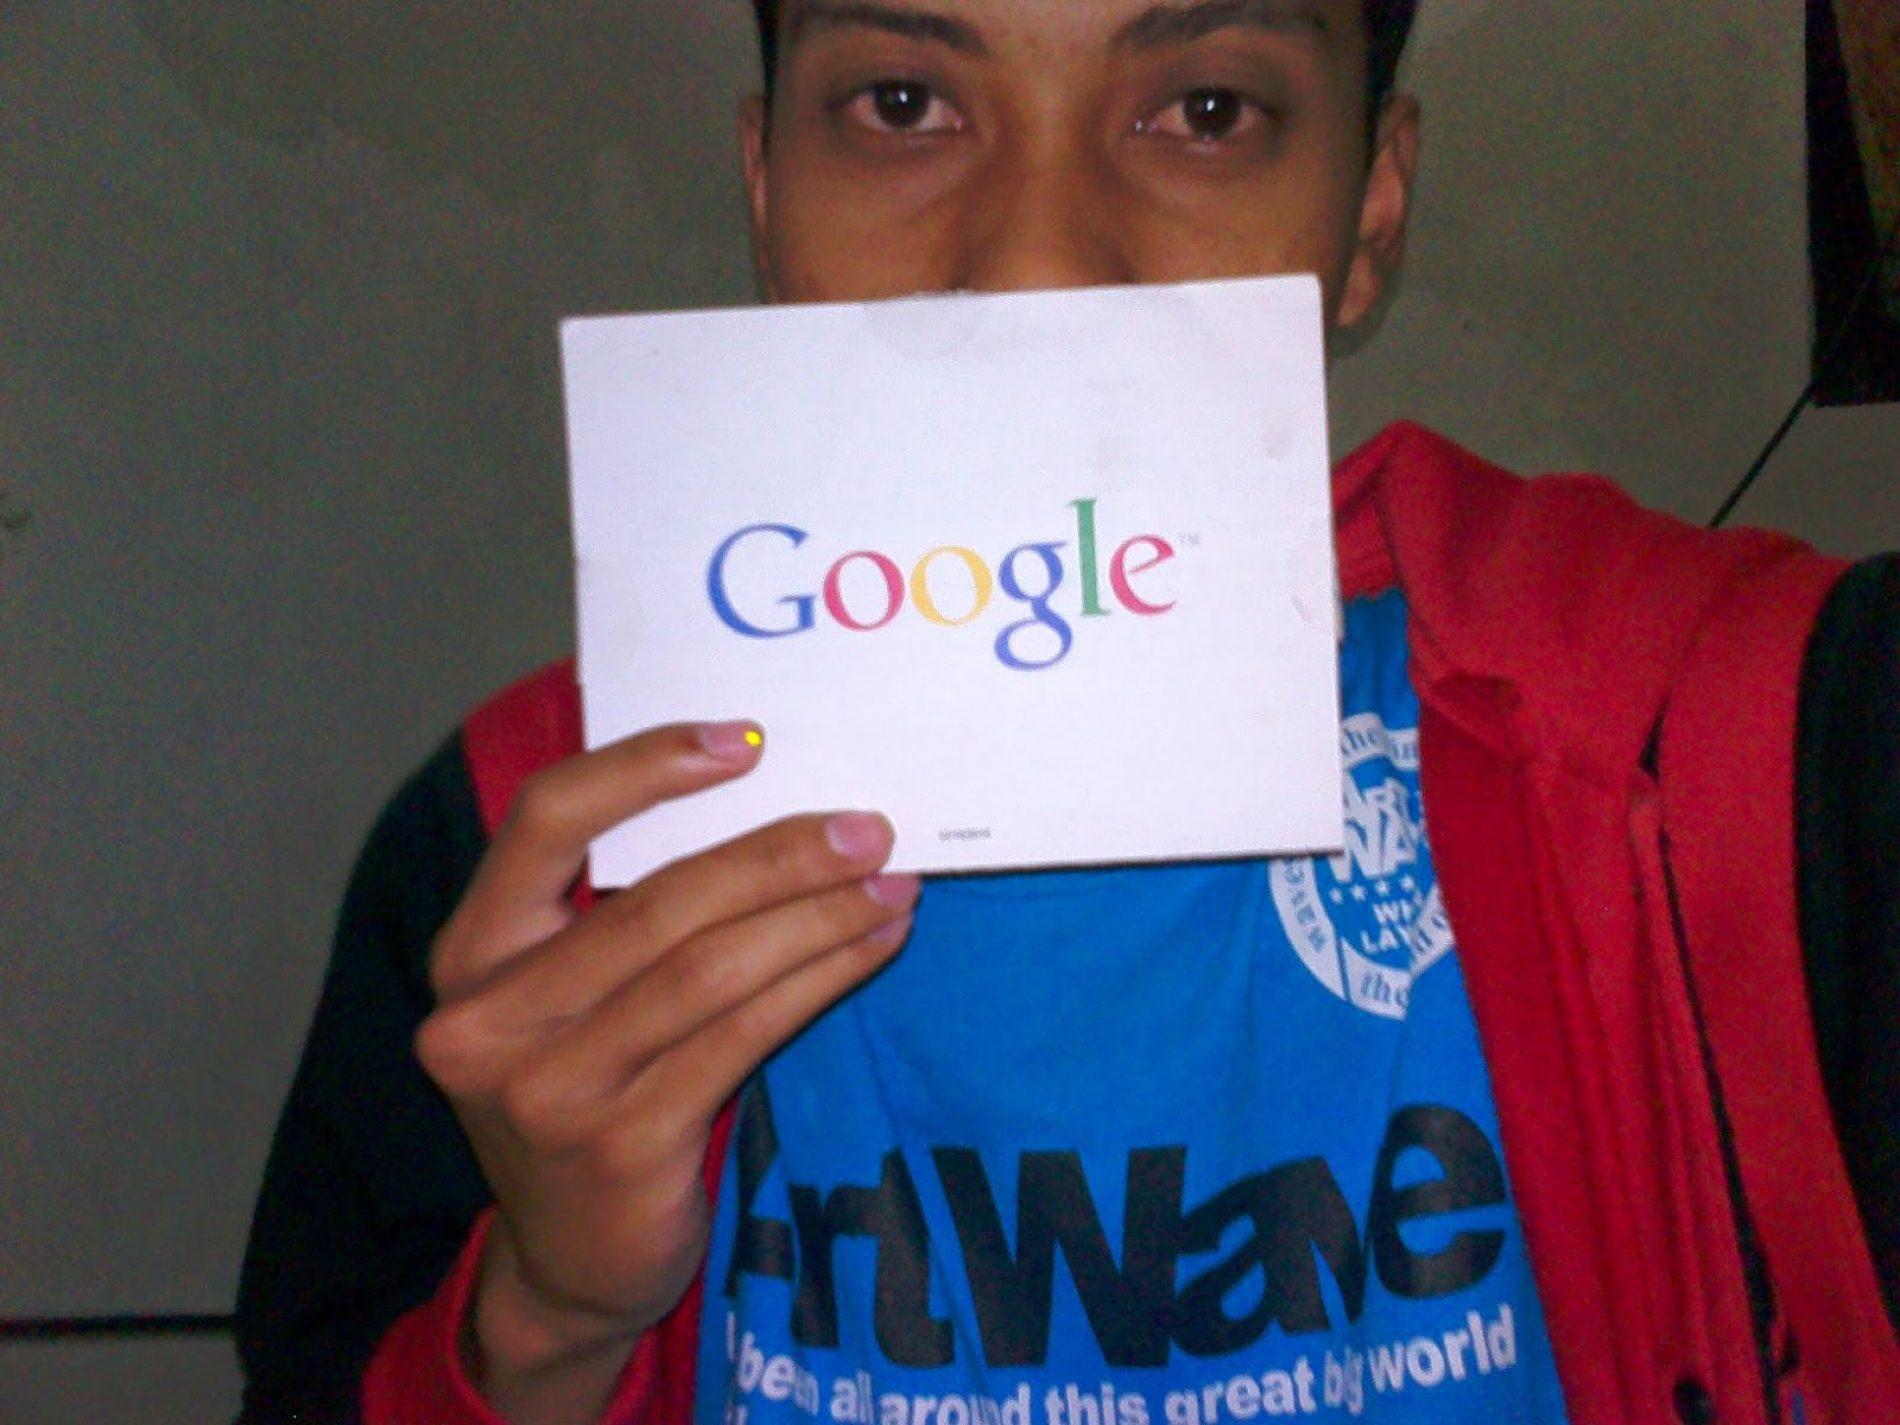 Sampai Tengah Malam, Menunggu Email Google